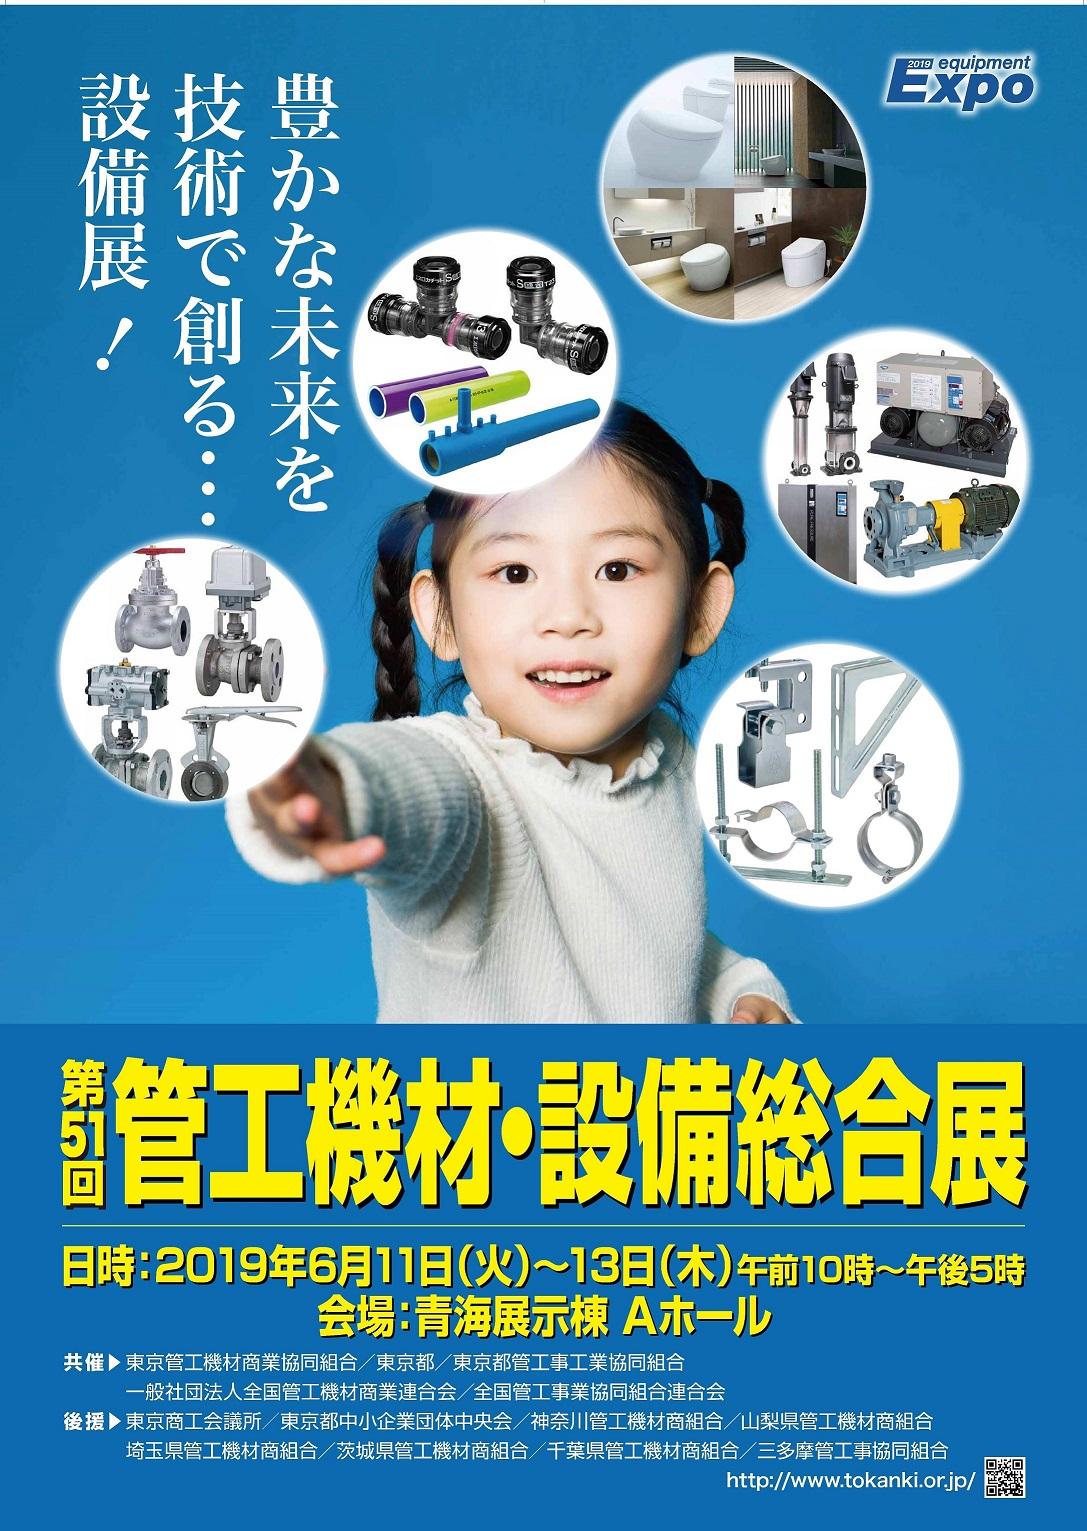 『第51回 管工機材・設備総合展』2019年6月11日(火)〜6月13日(木) 東京ビッグサイト青海展示棟 Aホールで開催の画像